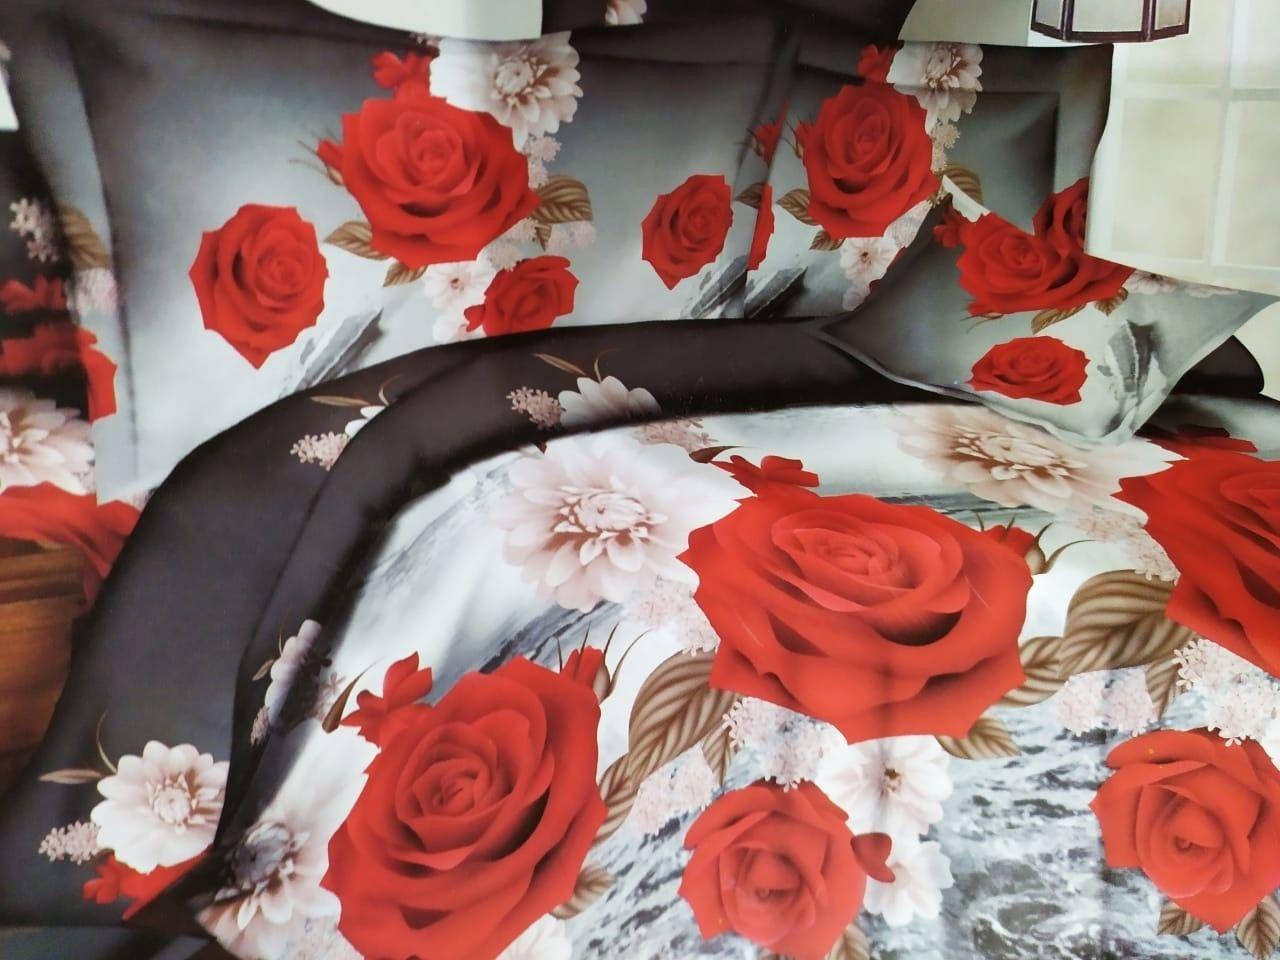 ملايات سرير قطن تركى Bed Sheets Red Roses Bed